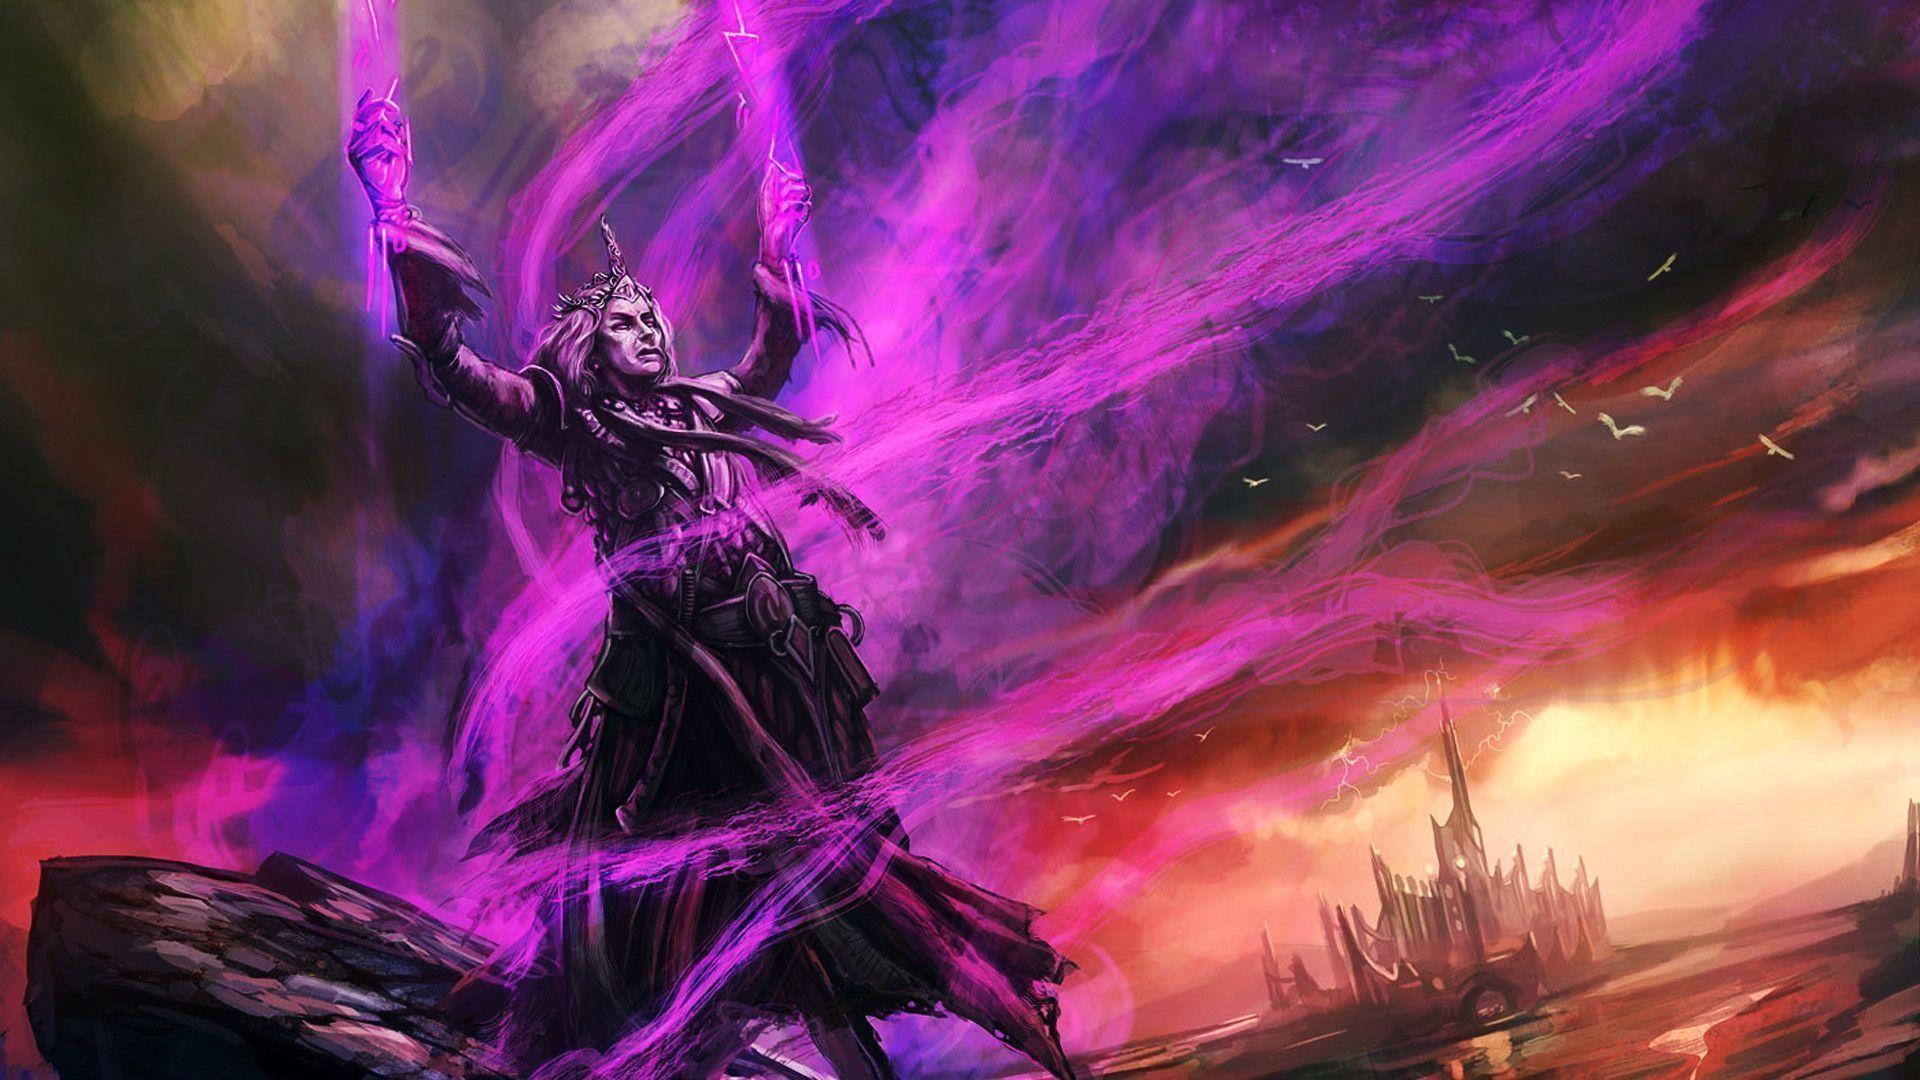 Dark Magician Wallpaper | HD Wallpapers, backgrounds high .